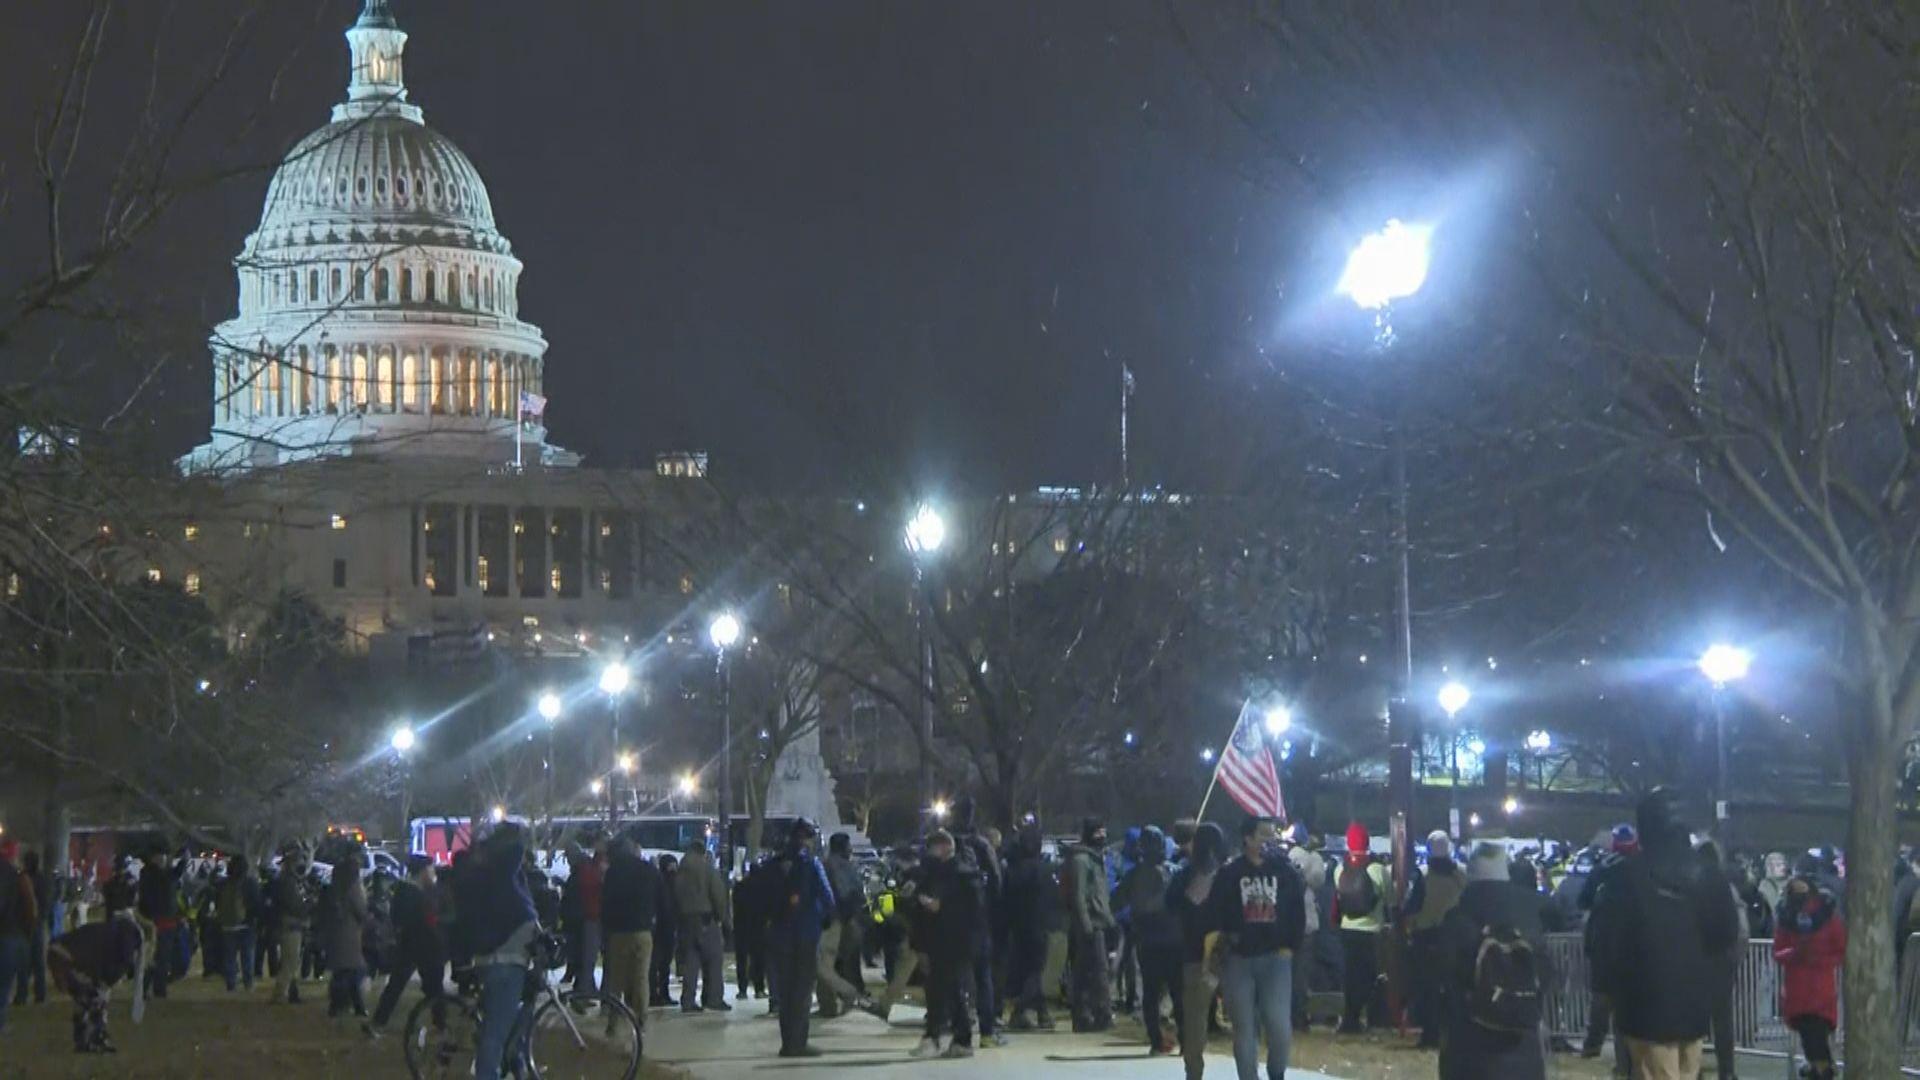 華盛頓實施宵禁 示威者陸續離開衝突告一段落